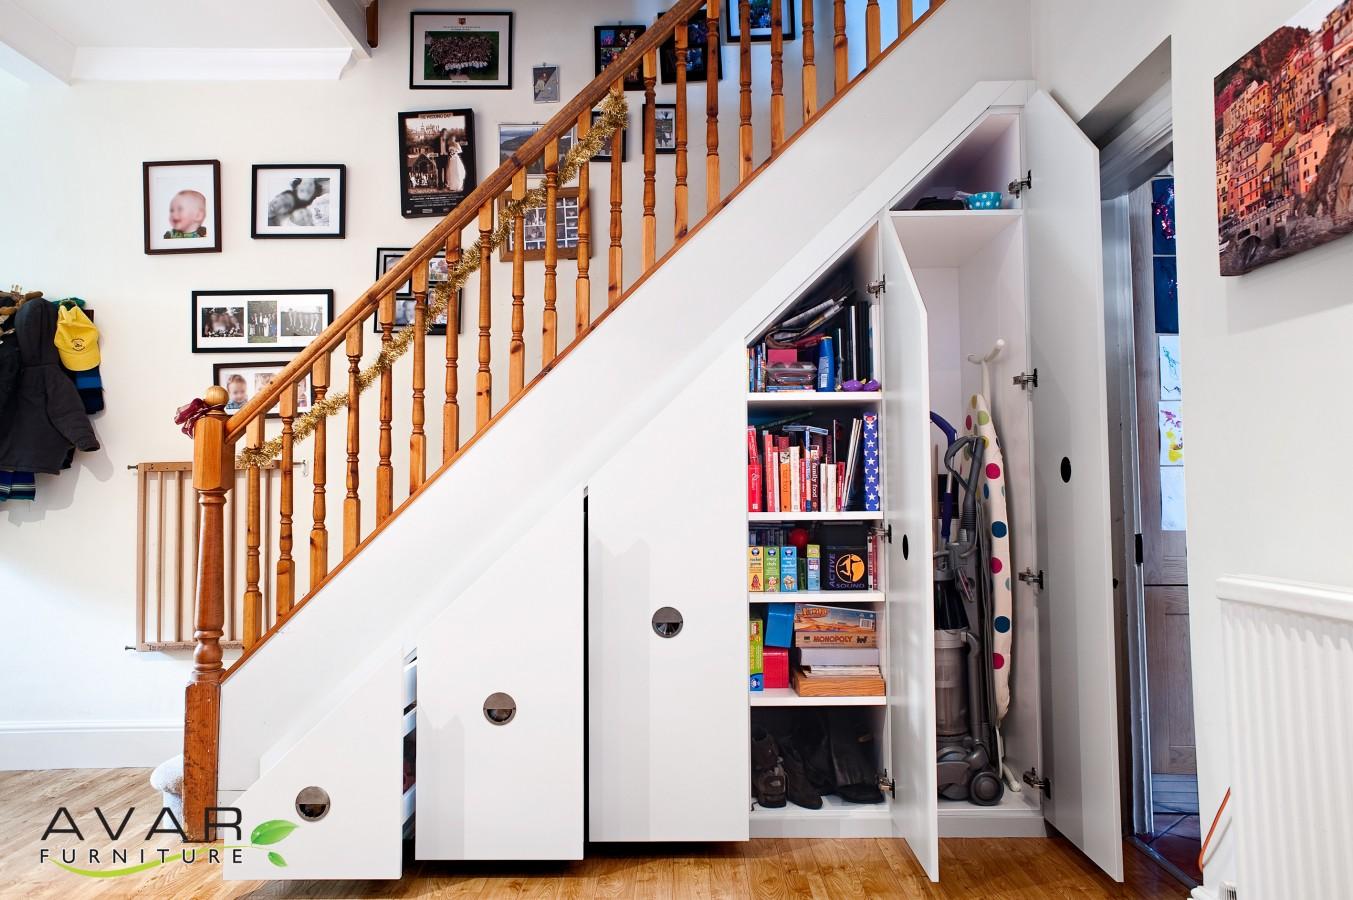 ƸӜƷ Under Stairs Storage Ideas Gallery 22 North London